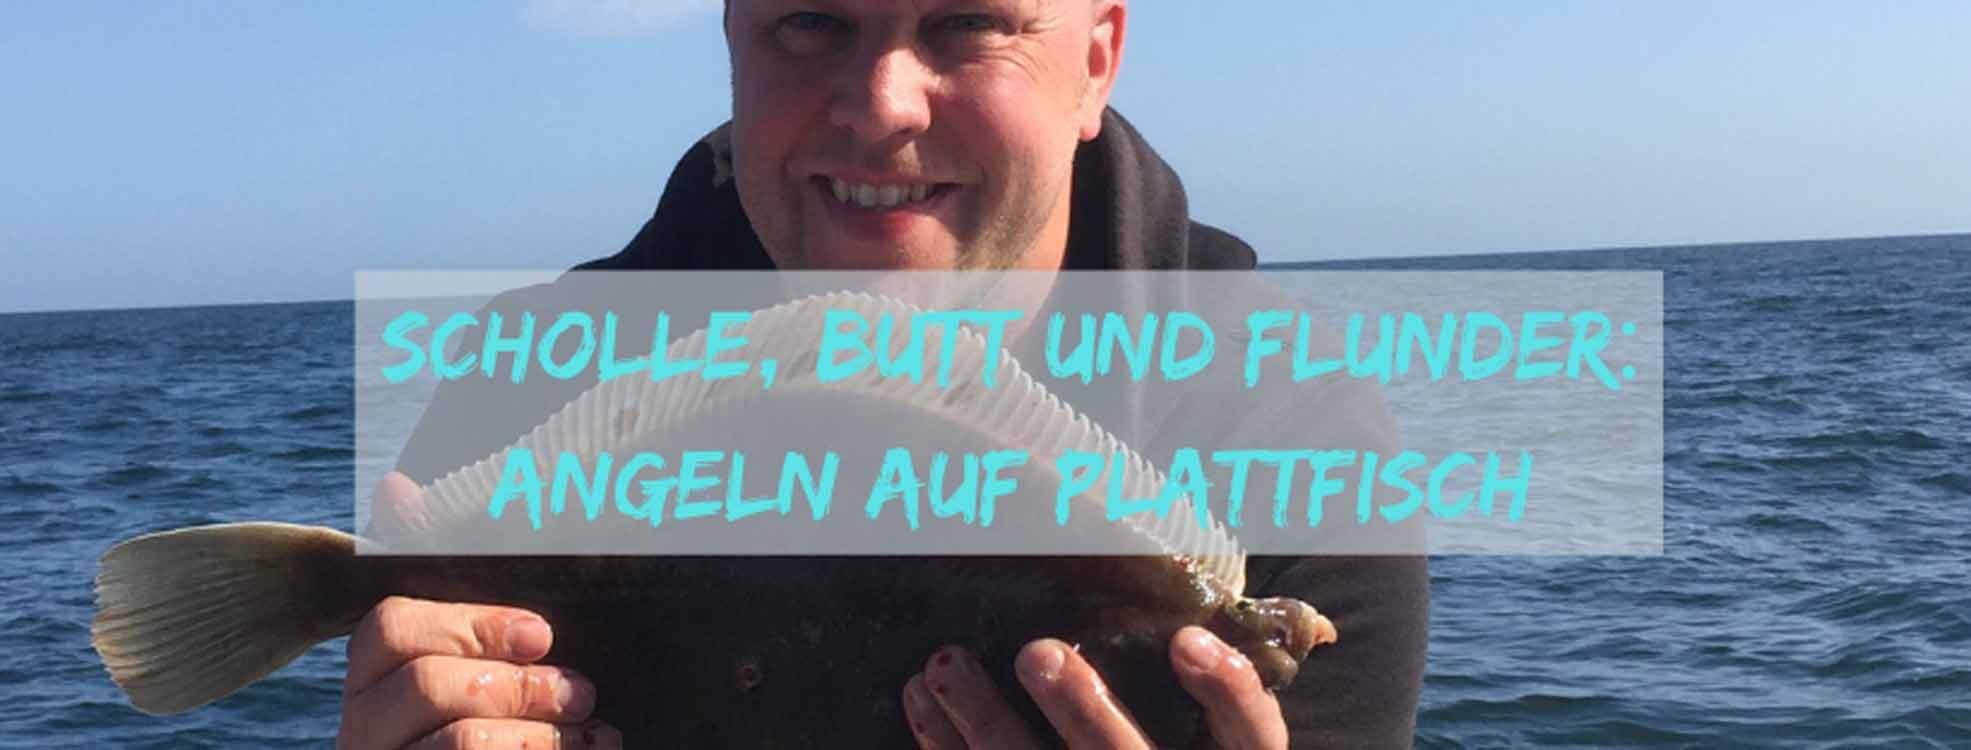 Banner Plattfischangeln_dorsch-guide.de_Buttangeln_Flunder_Kliesche_Scholle_Seezunge_Web